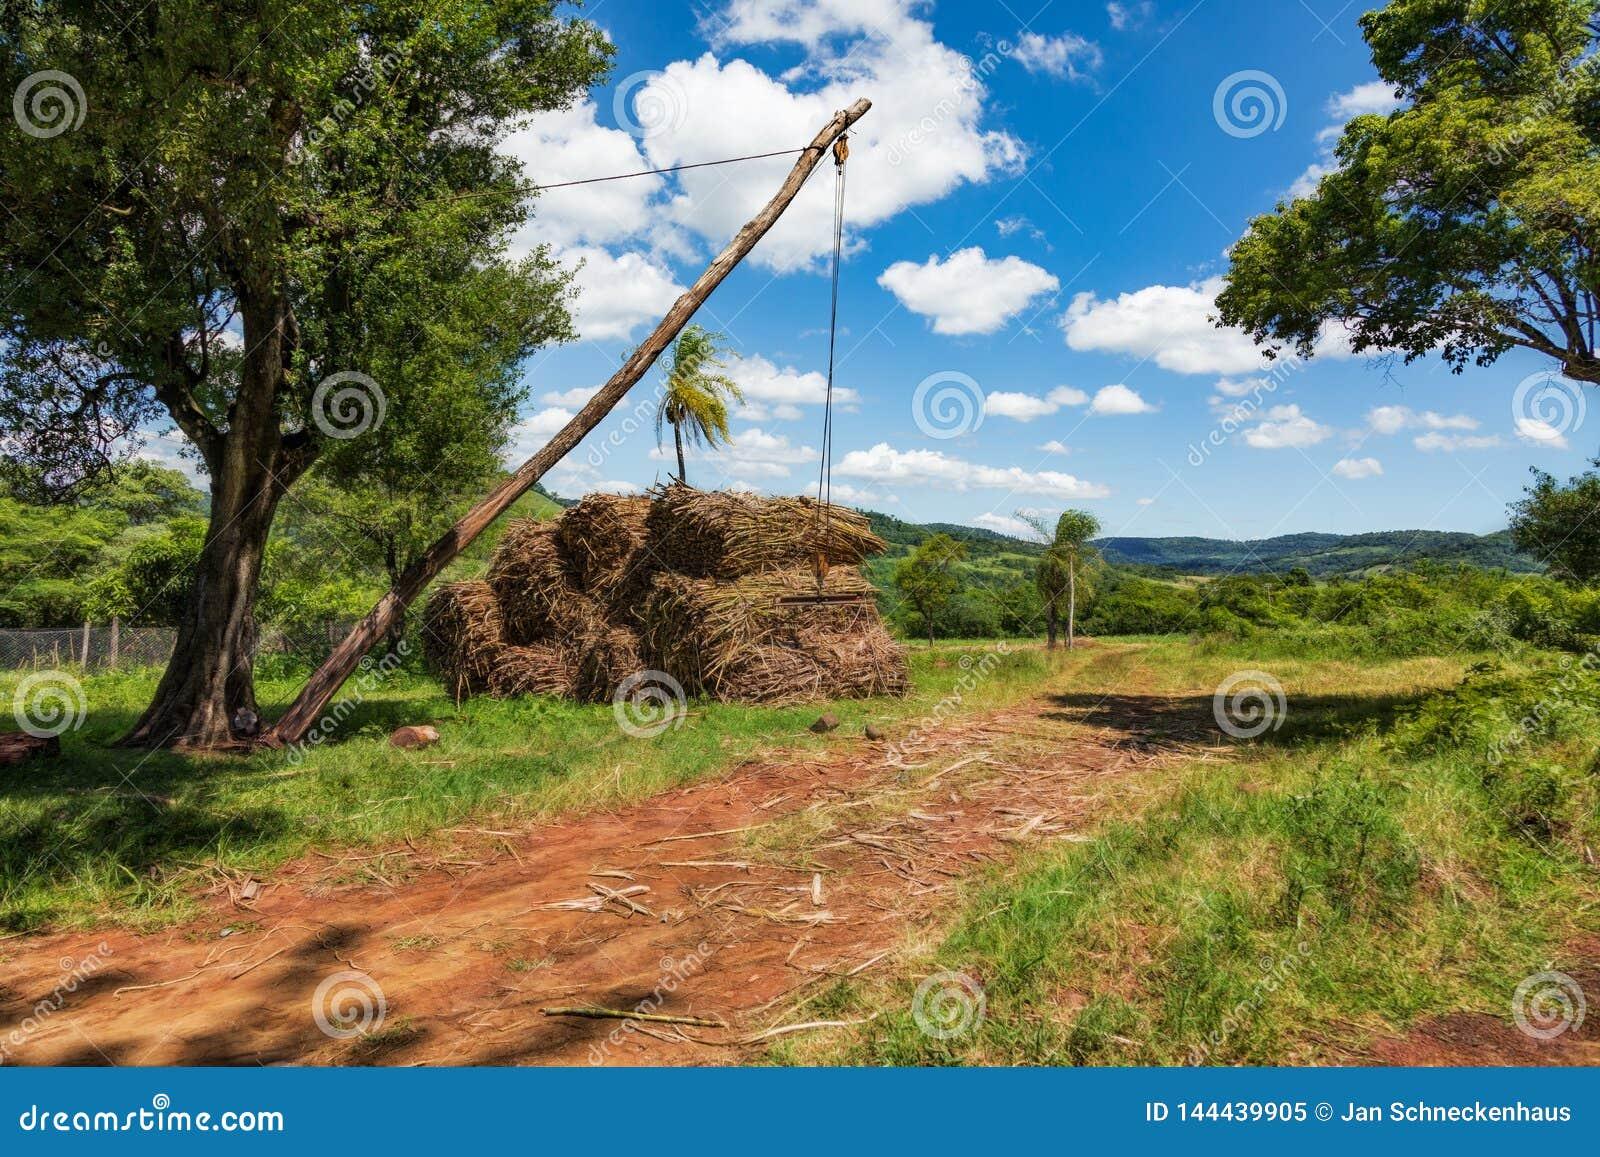 Prosty dźwigowy przyrząd dla ładować trzcinę cukrową na ciężarówkach w Paraguay